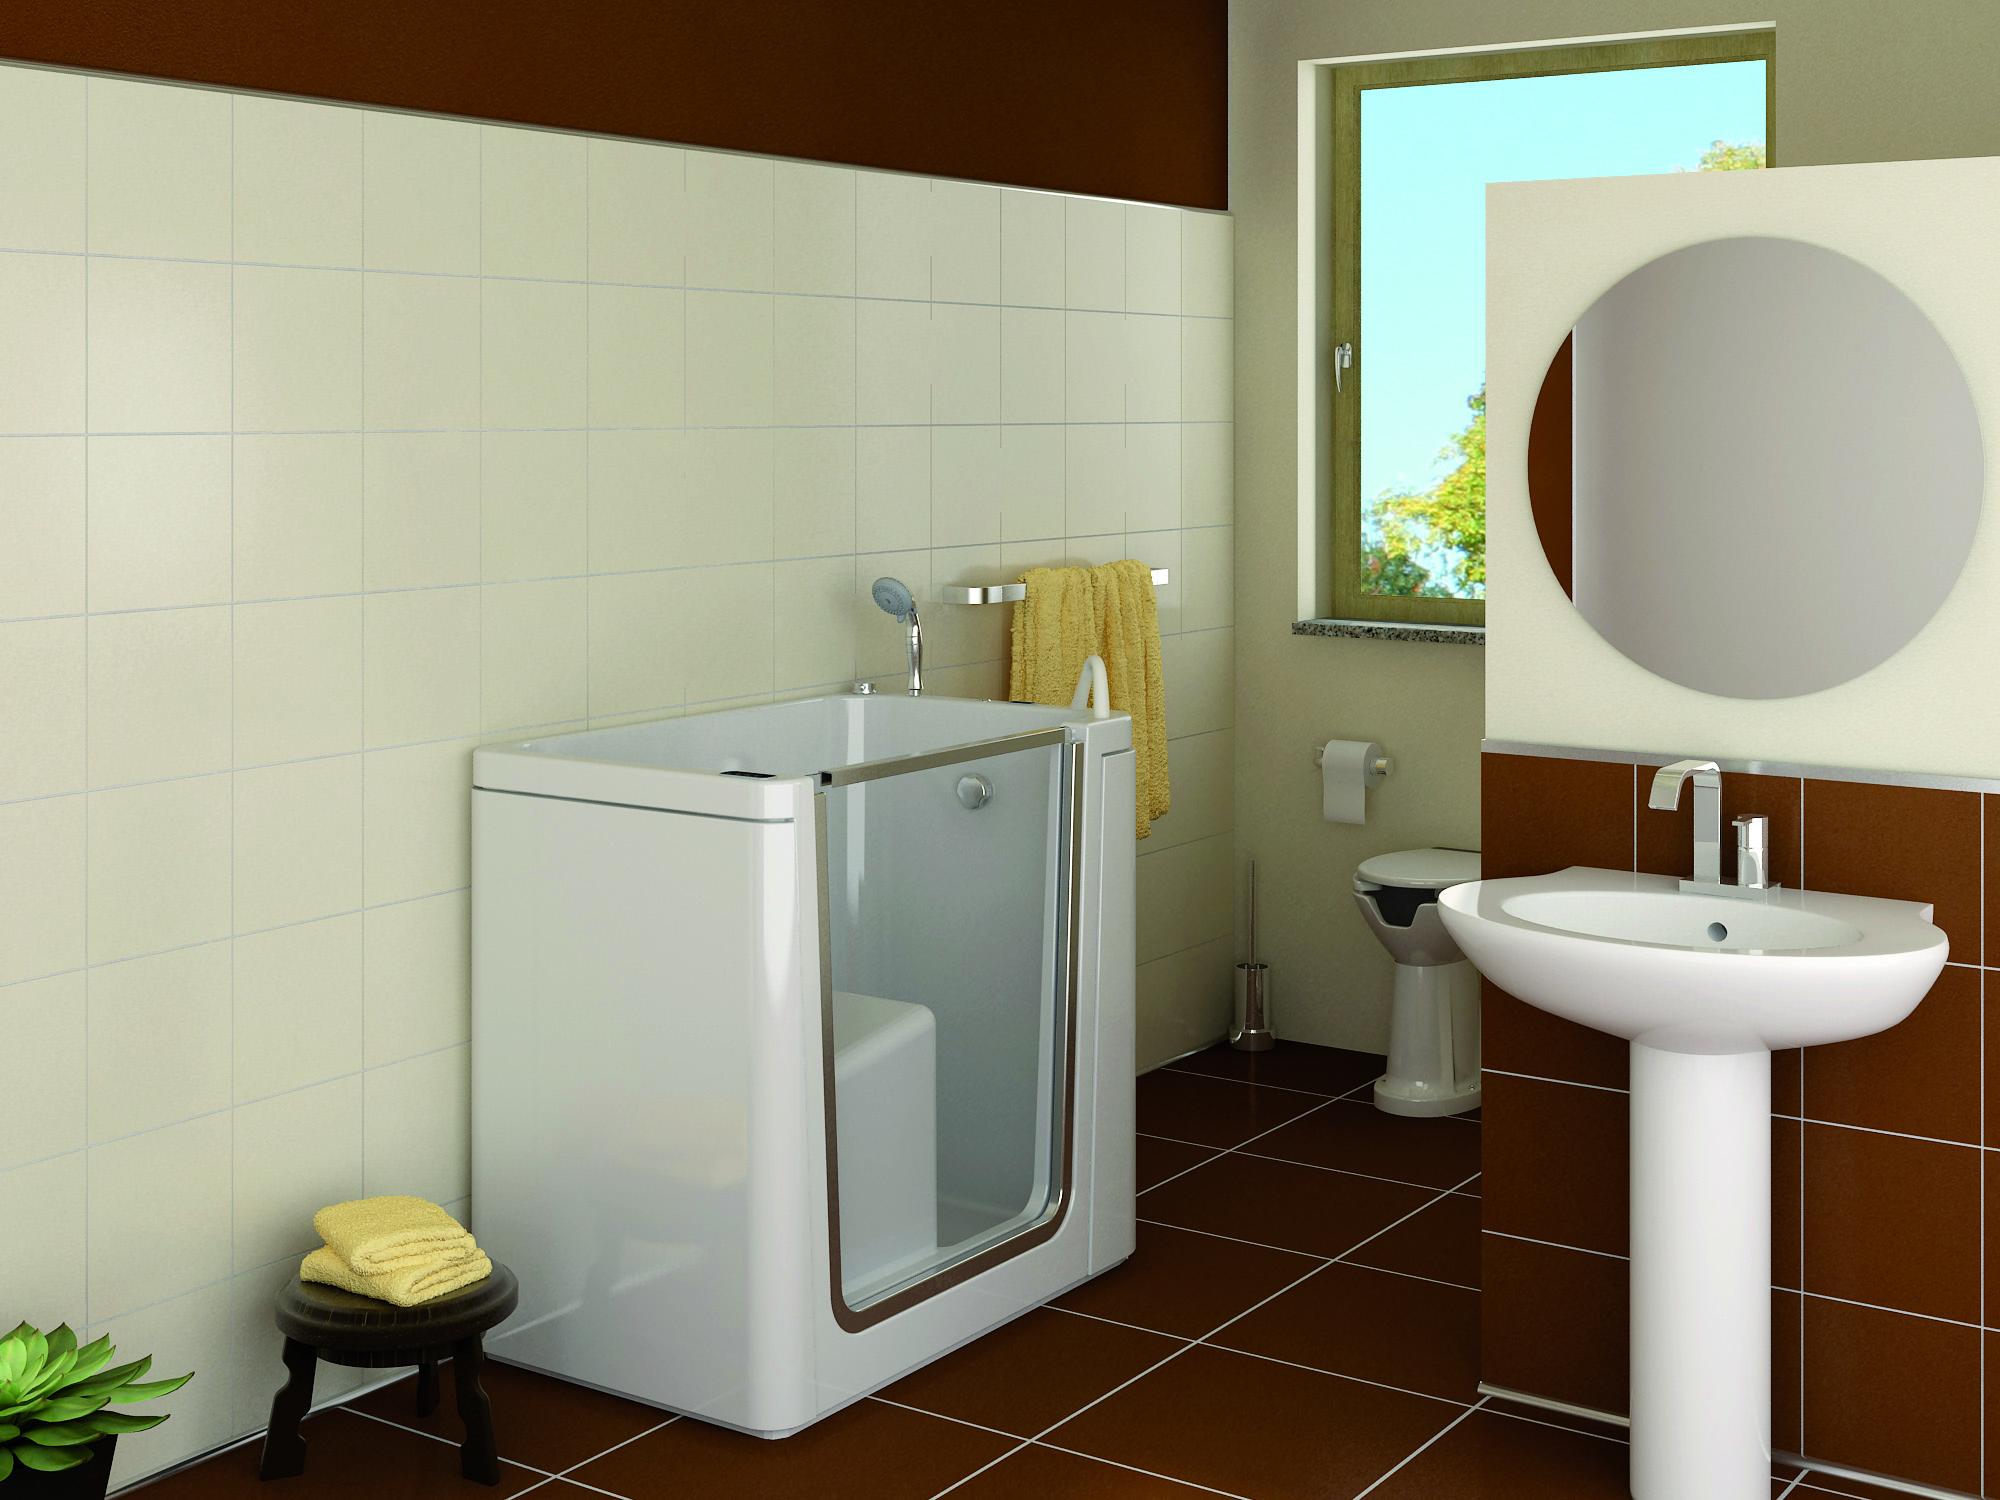 Vasche Da Bagno Apertura Laterale Misure : Itaca vasca con sportello removibile per disabili e anziani